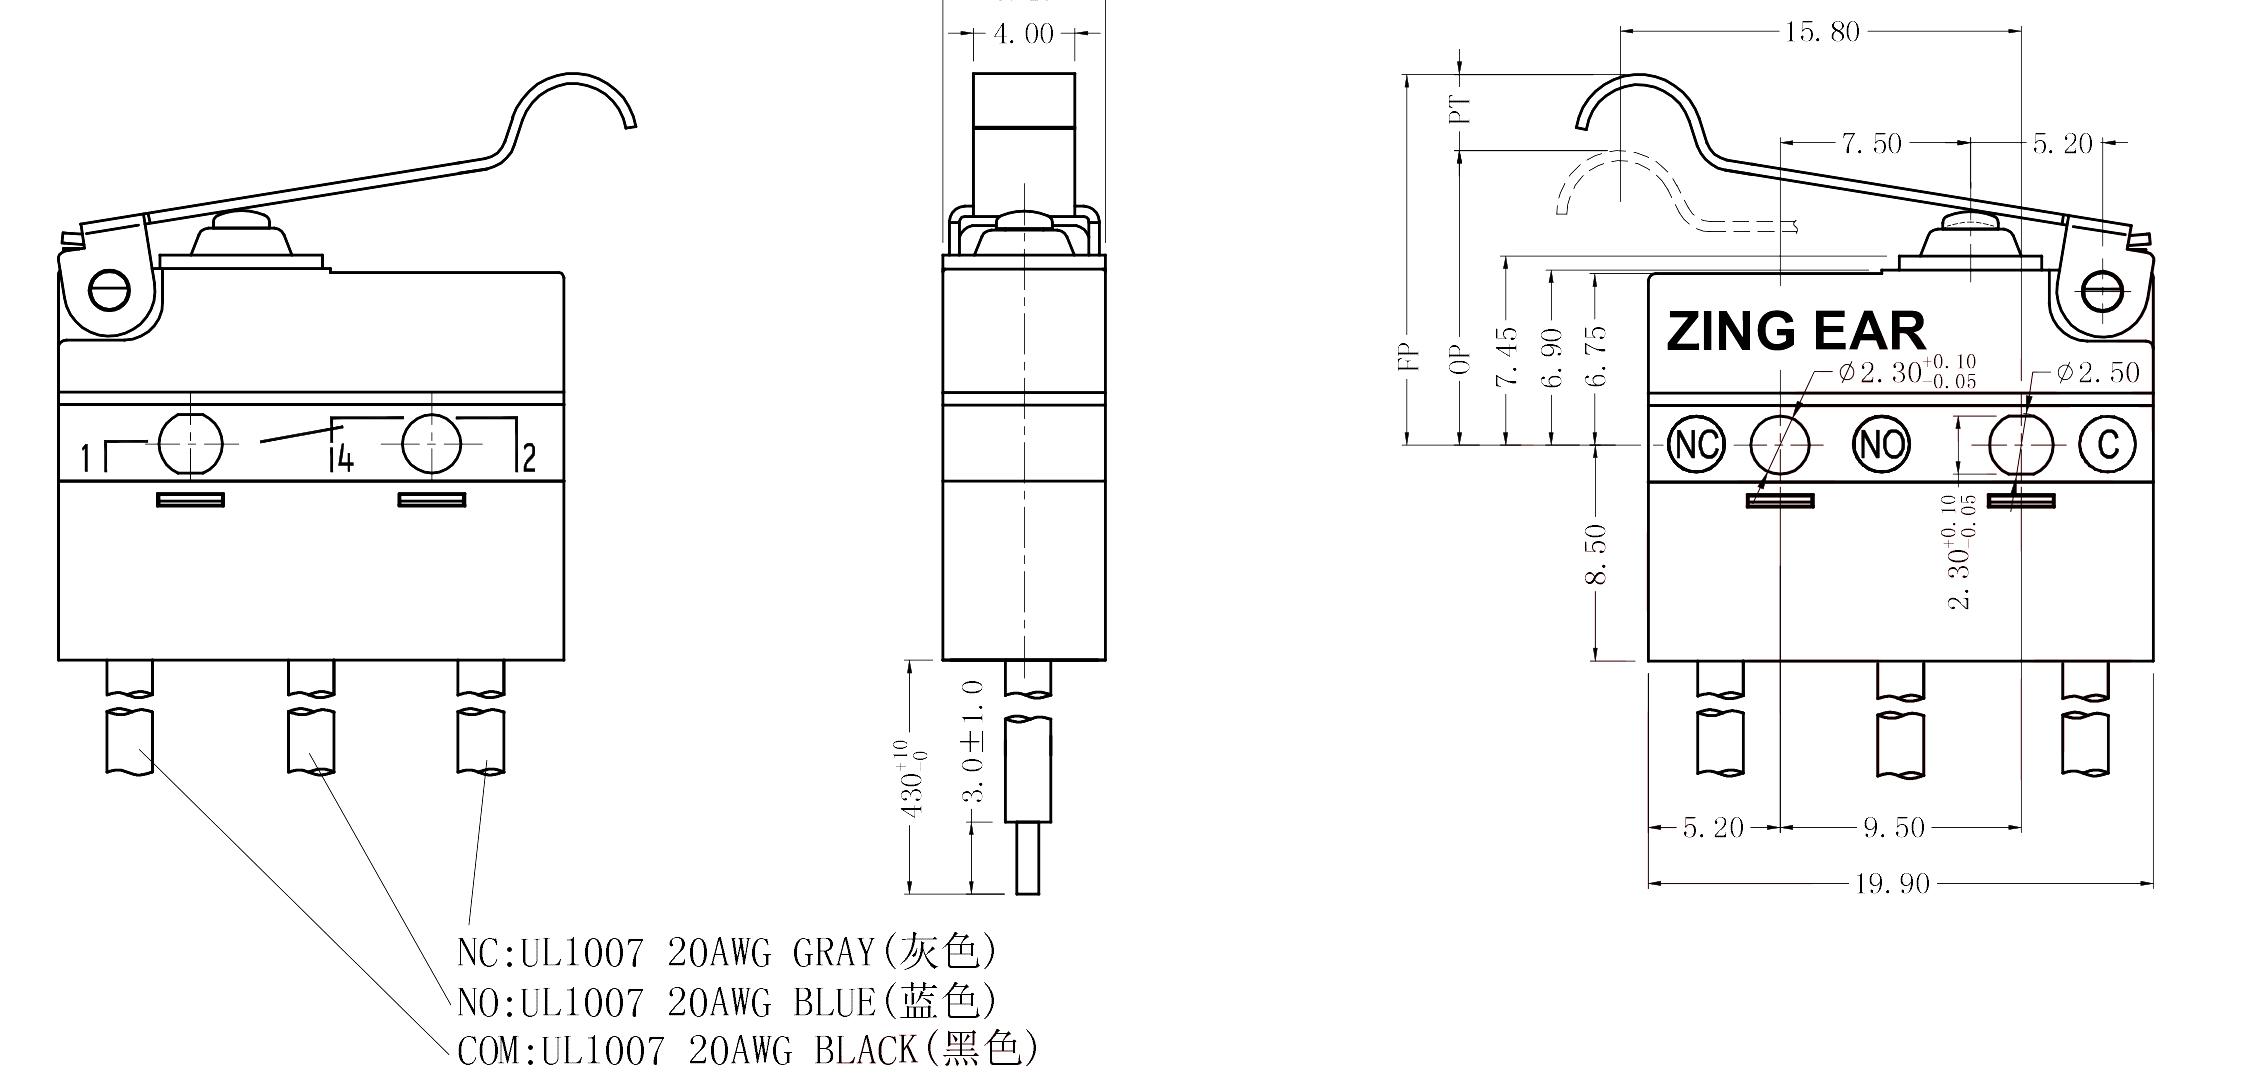 Drawing_G905-200E05W1-430_Rev_A0